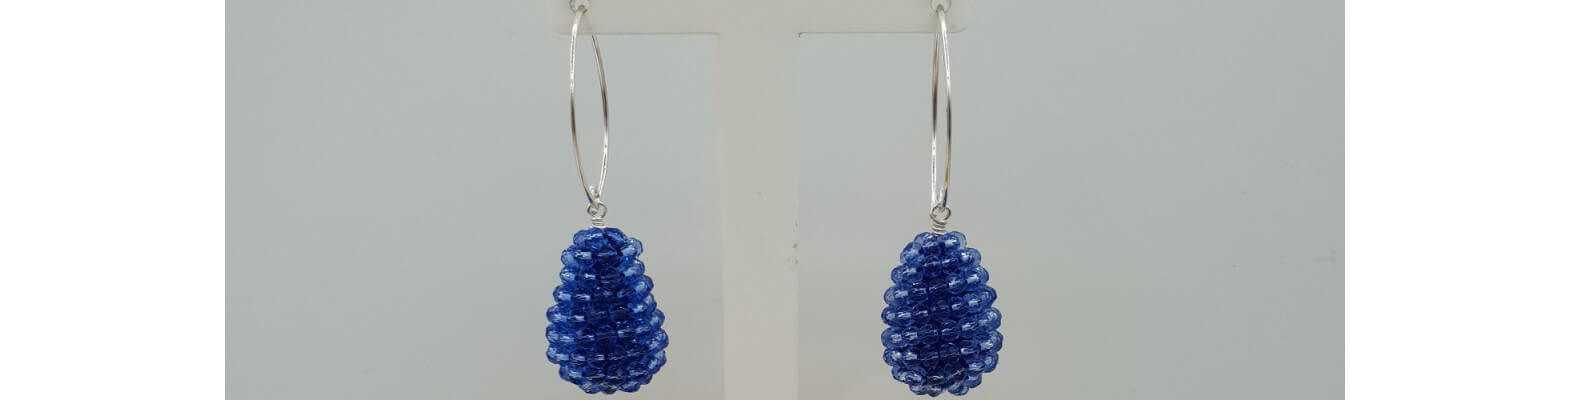 Glassberry earrings